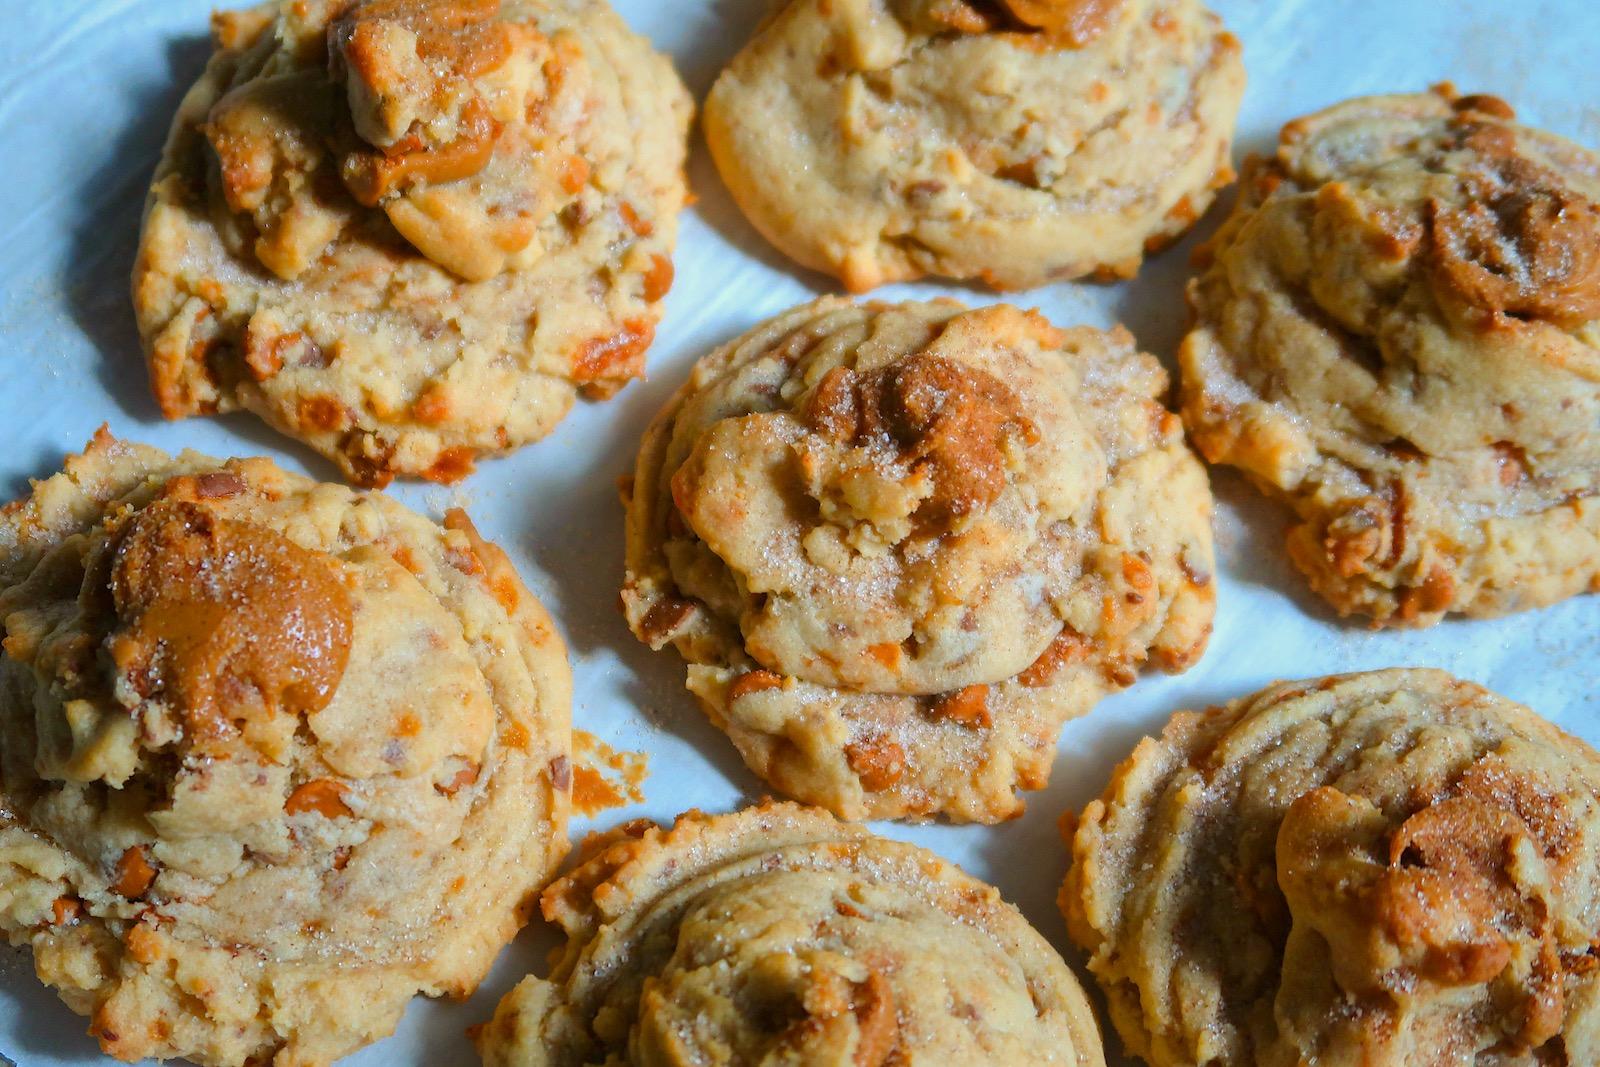 Tudie's Cookies & Sweets